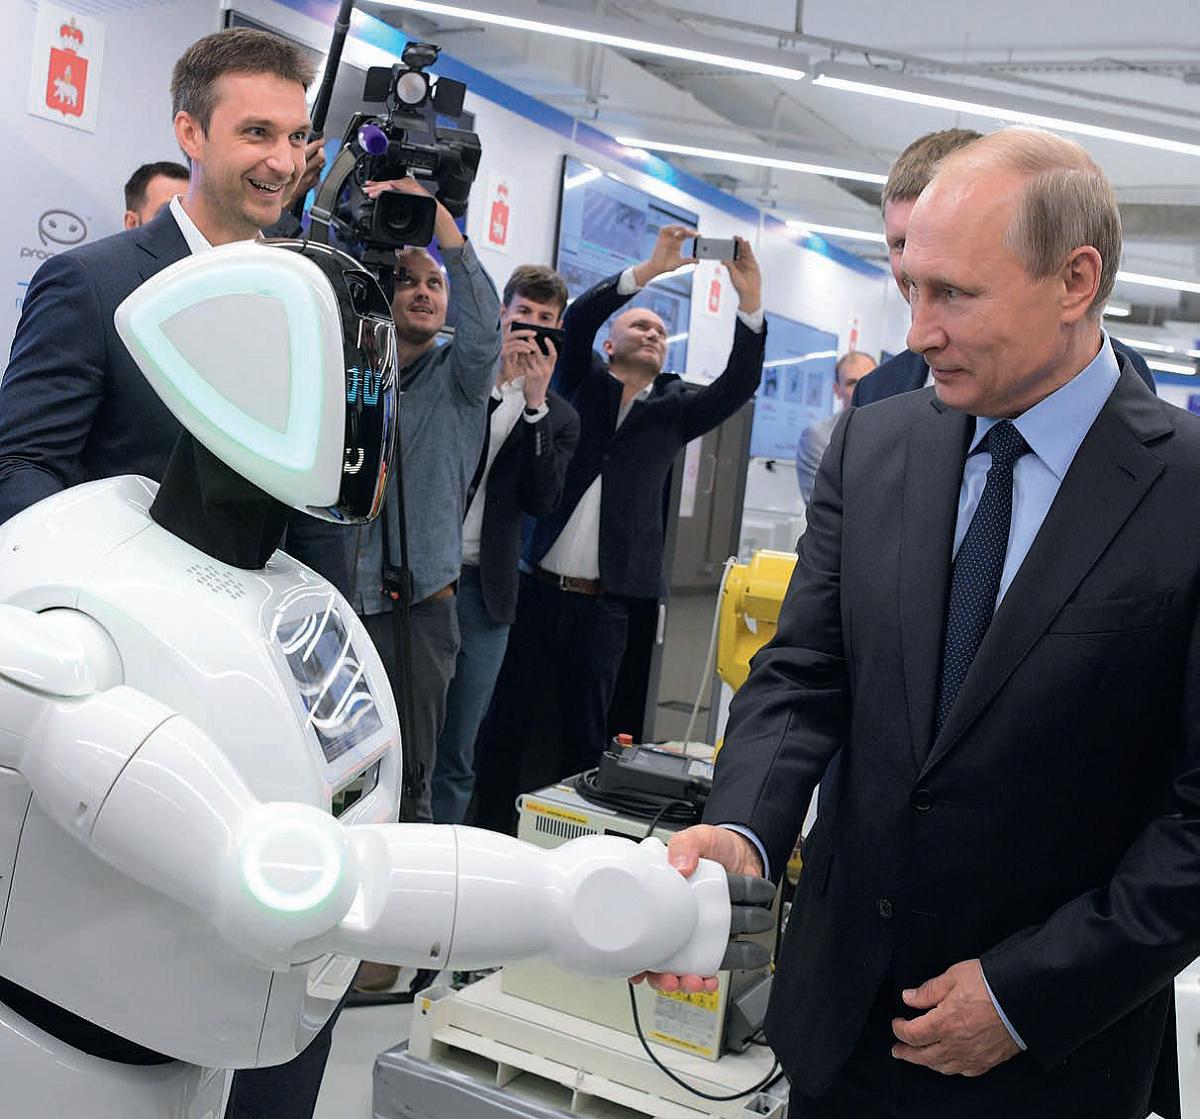 Квантовые коммуникации от РЖД, новые вещества от Росатома и искусственный интеллект от Сбербанка